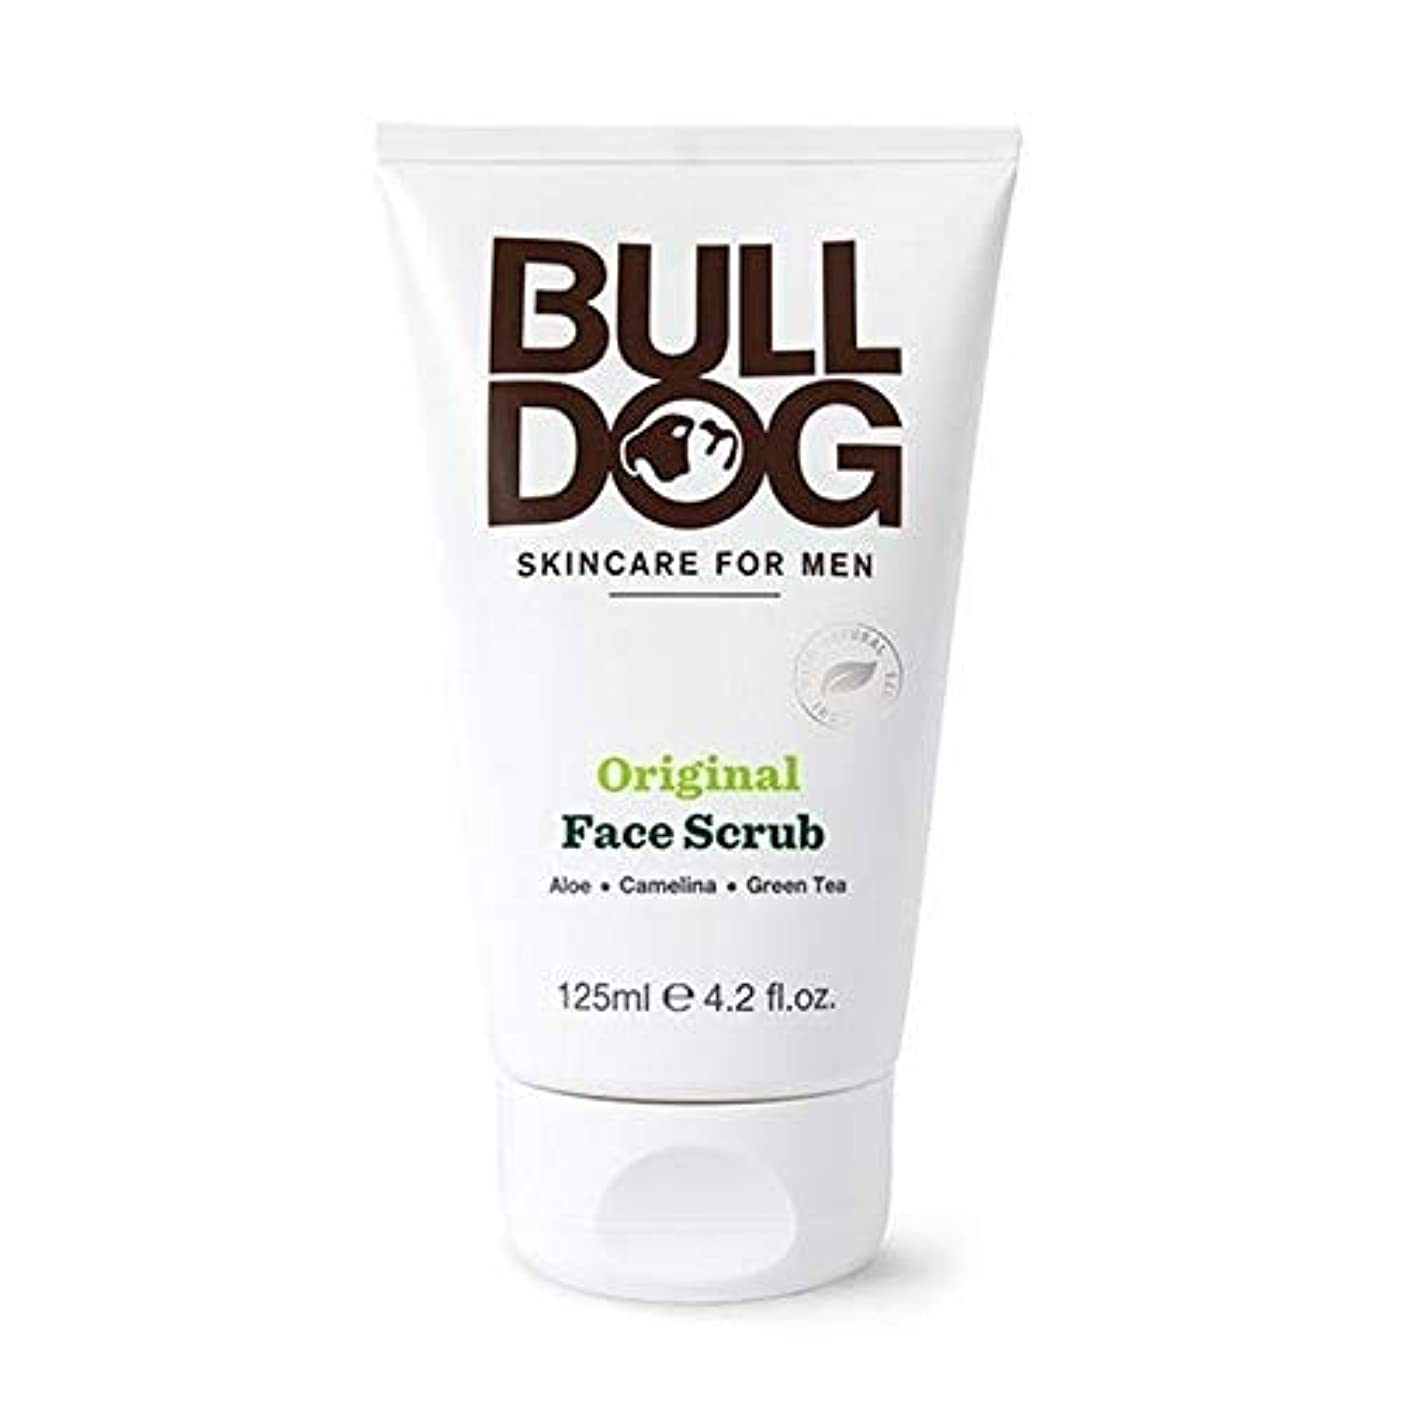 淡いスコットランド人ディレクトリ[Bulldog] ブルドッグ、元の顔スクラブ125ミリリットル - Bulldog Original Face Scrub 125ml [並行輸入品]